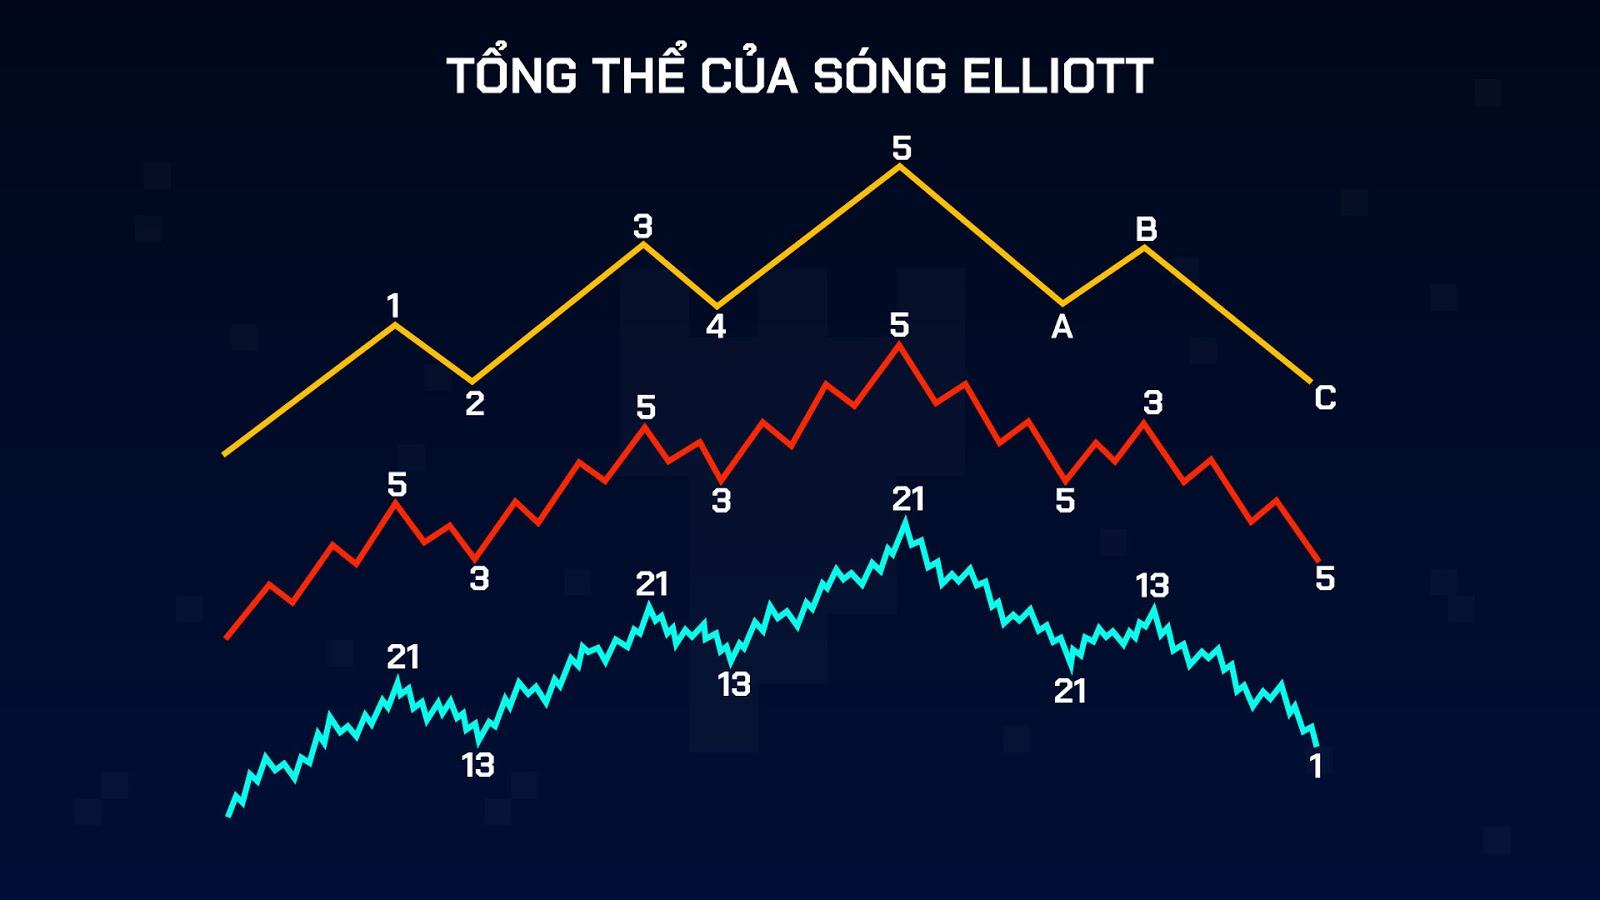 sóng elliott là gì